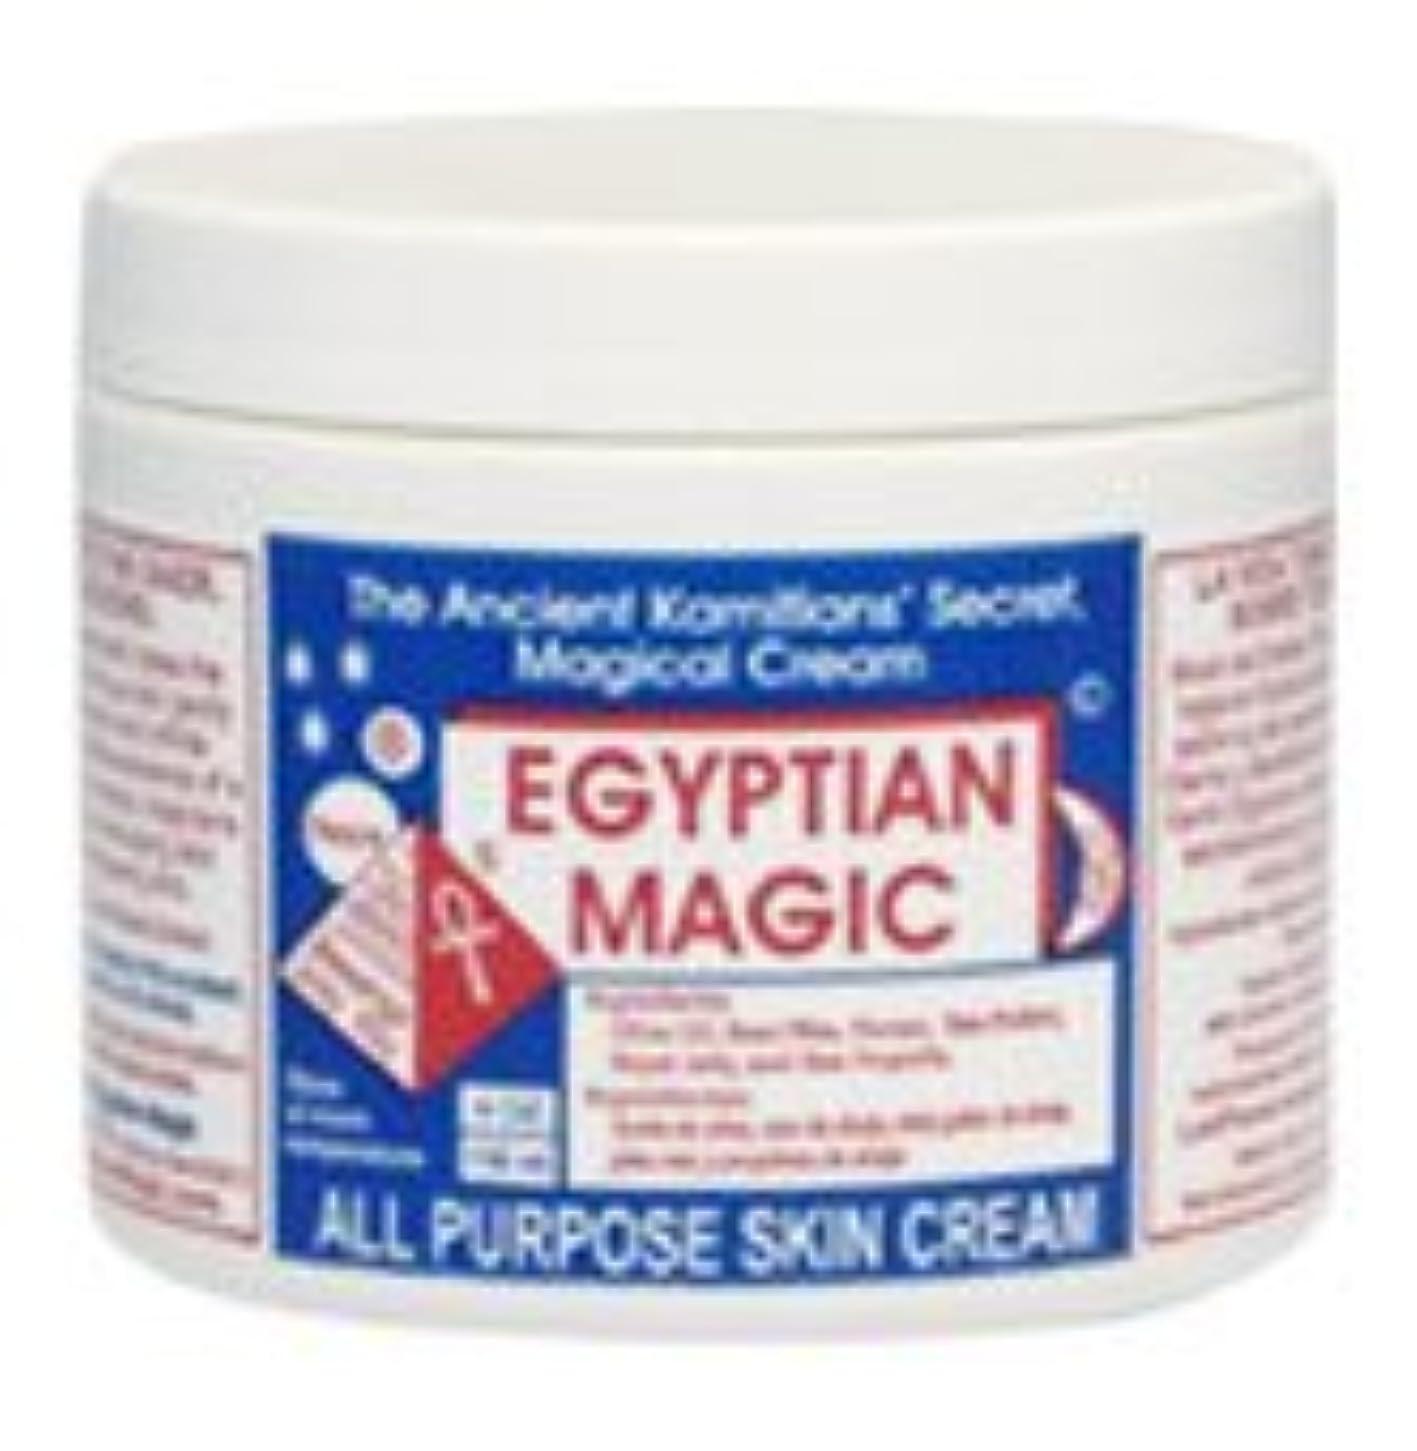 同一性アクセスバス【EGYPTIAN Magic(エジプシャン マジック)】 EGYPTIAN MAGIC CREAM マジック クリーム 118ml